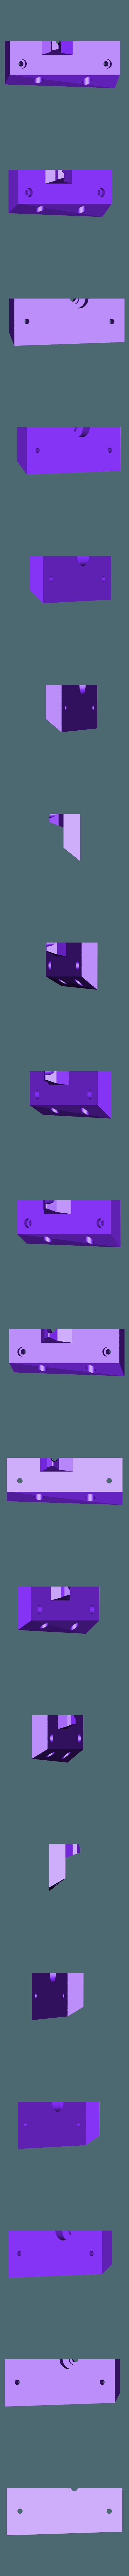 E3D_Mount_v2-11_EDGE_CLAMP.STL Télécharger fichier STL gratuit Monture basse pour grenouille poly (RigidBot E3D v6) • Design pour imprimante 3D, WalterHsiao